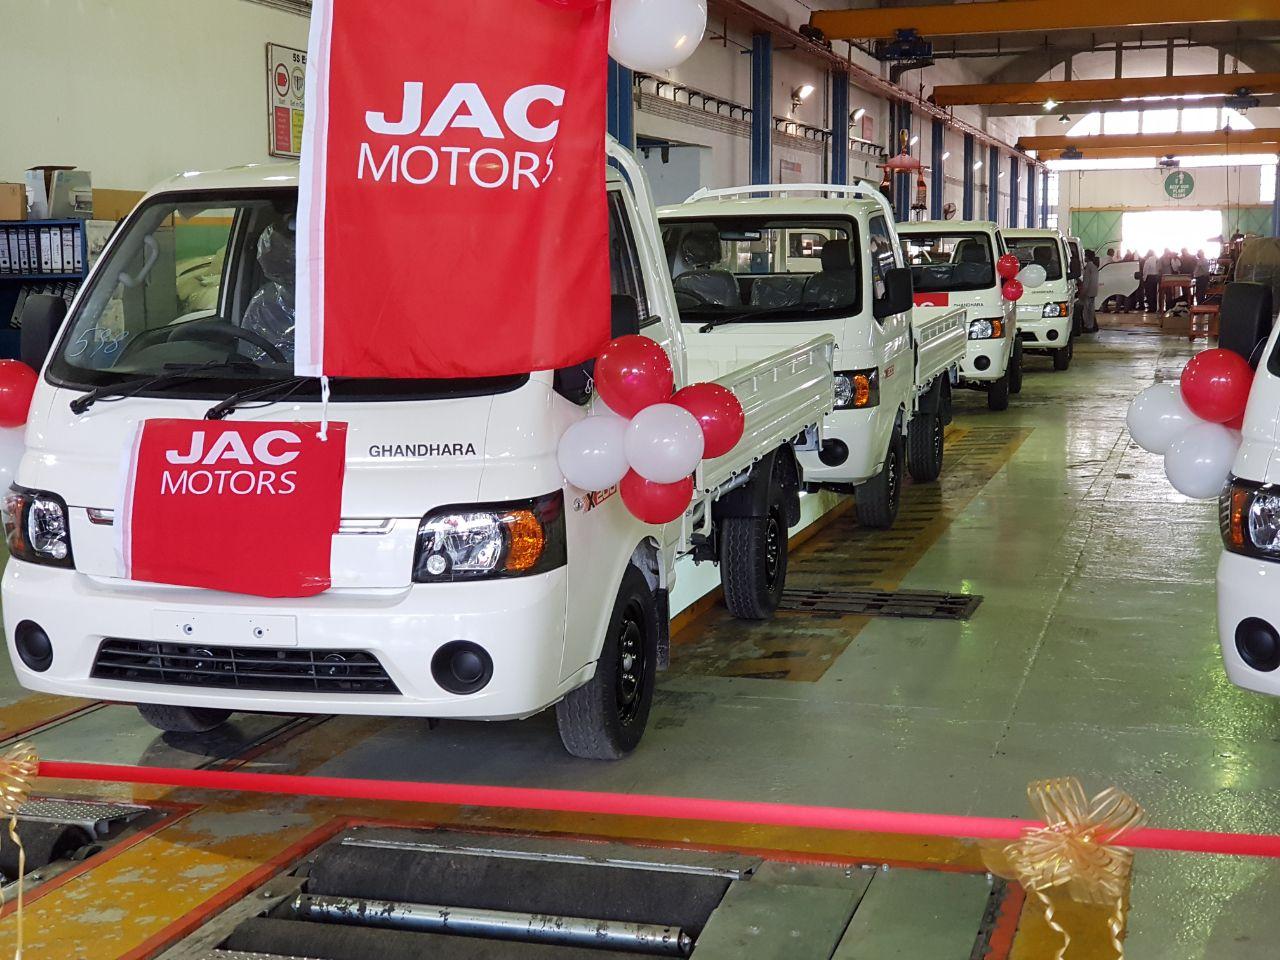 jac x200 (4)